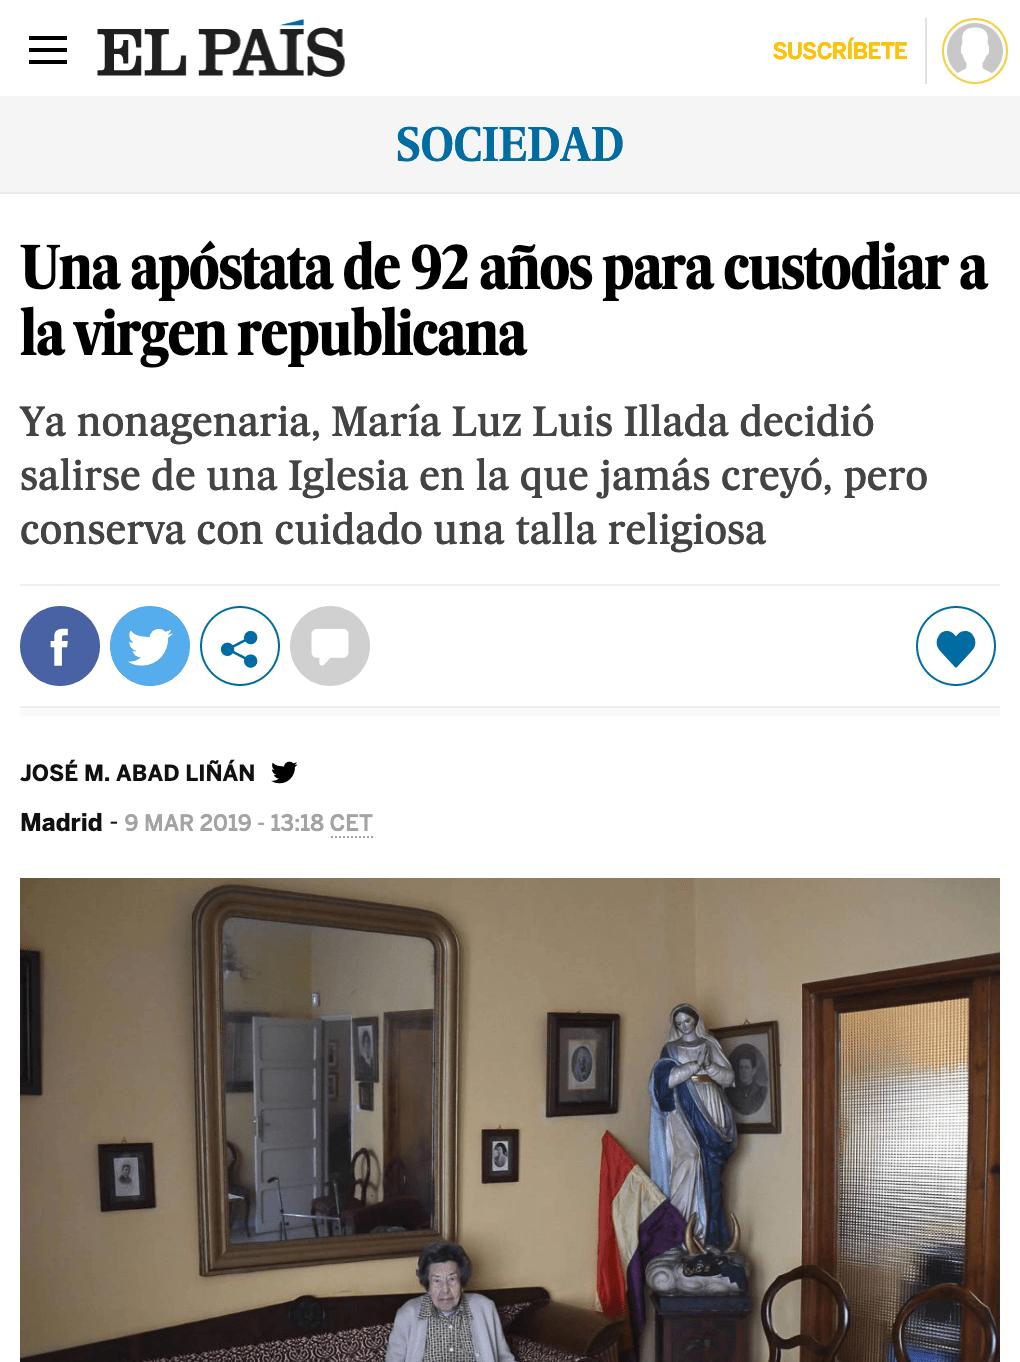 Una apóstata de 92 años para custodiar a la virgen republicana